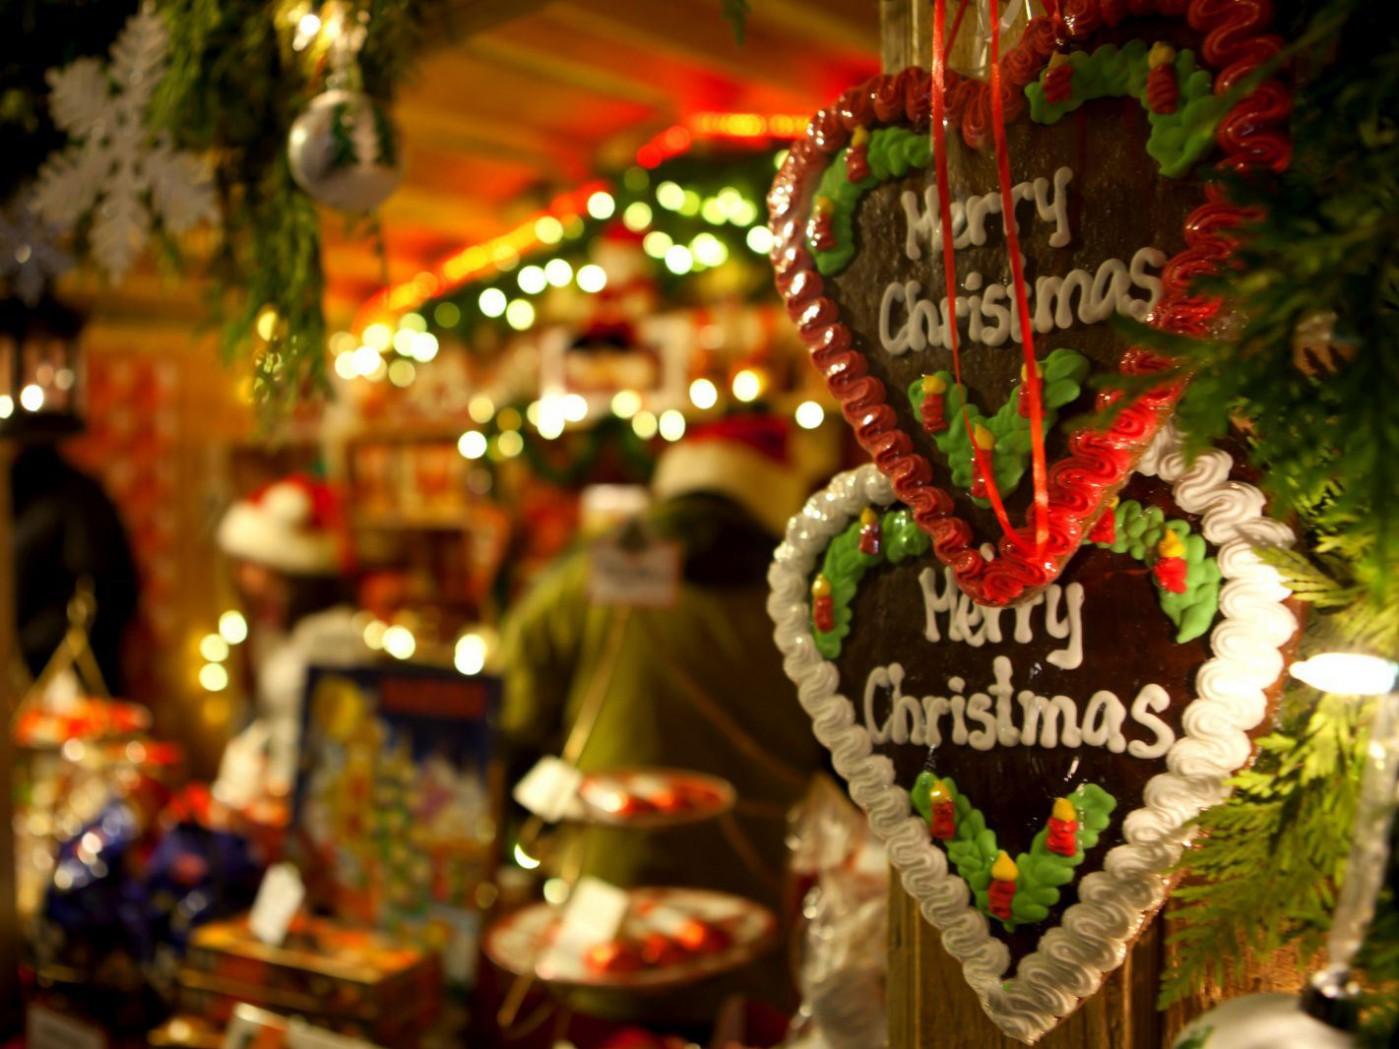 Католическое Рождество официально объявили выходным днём вУкраинском государстве